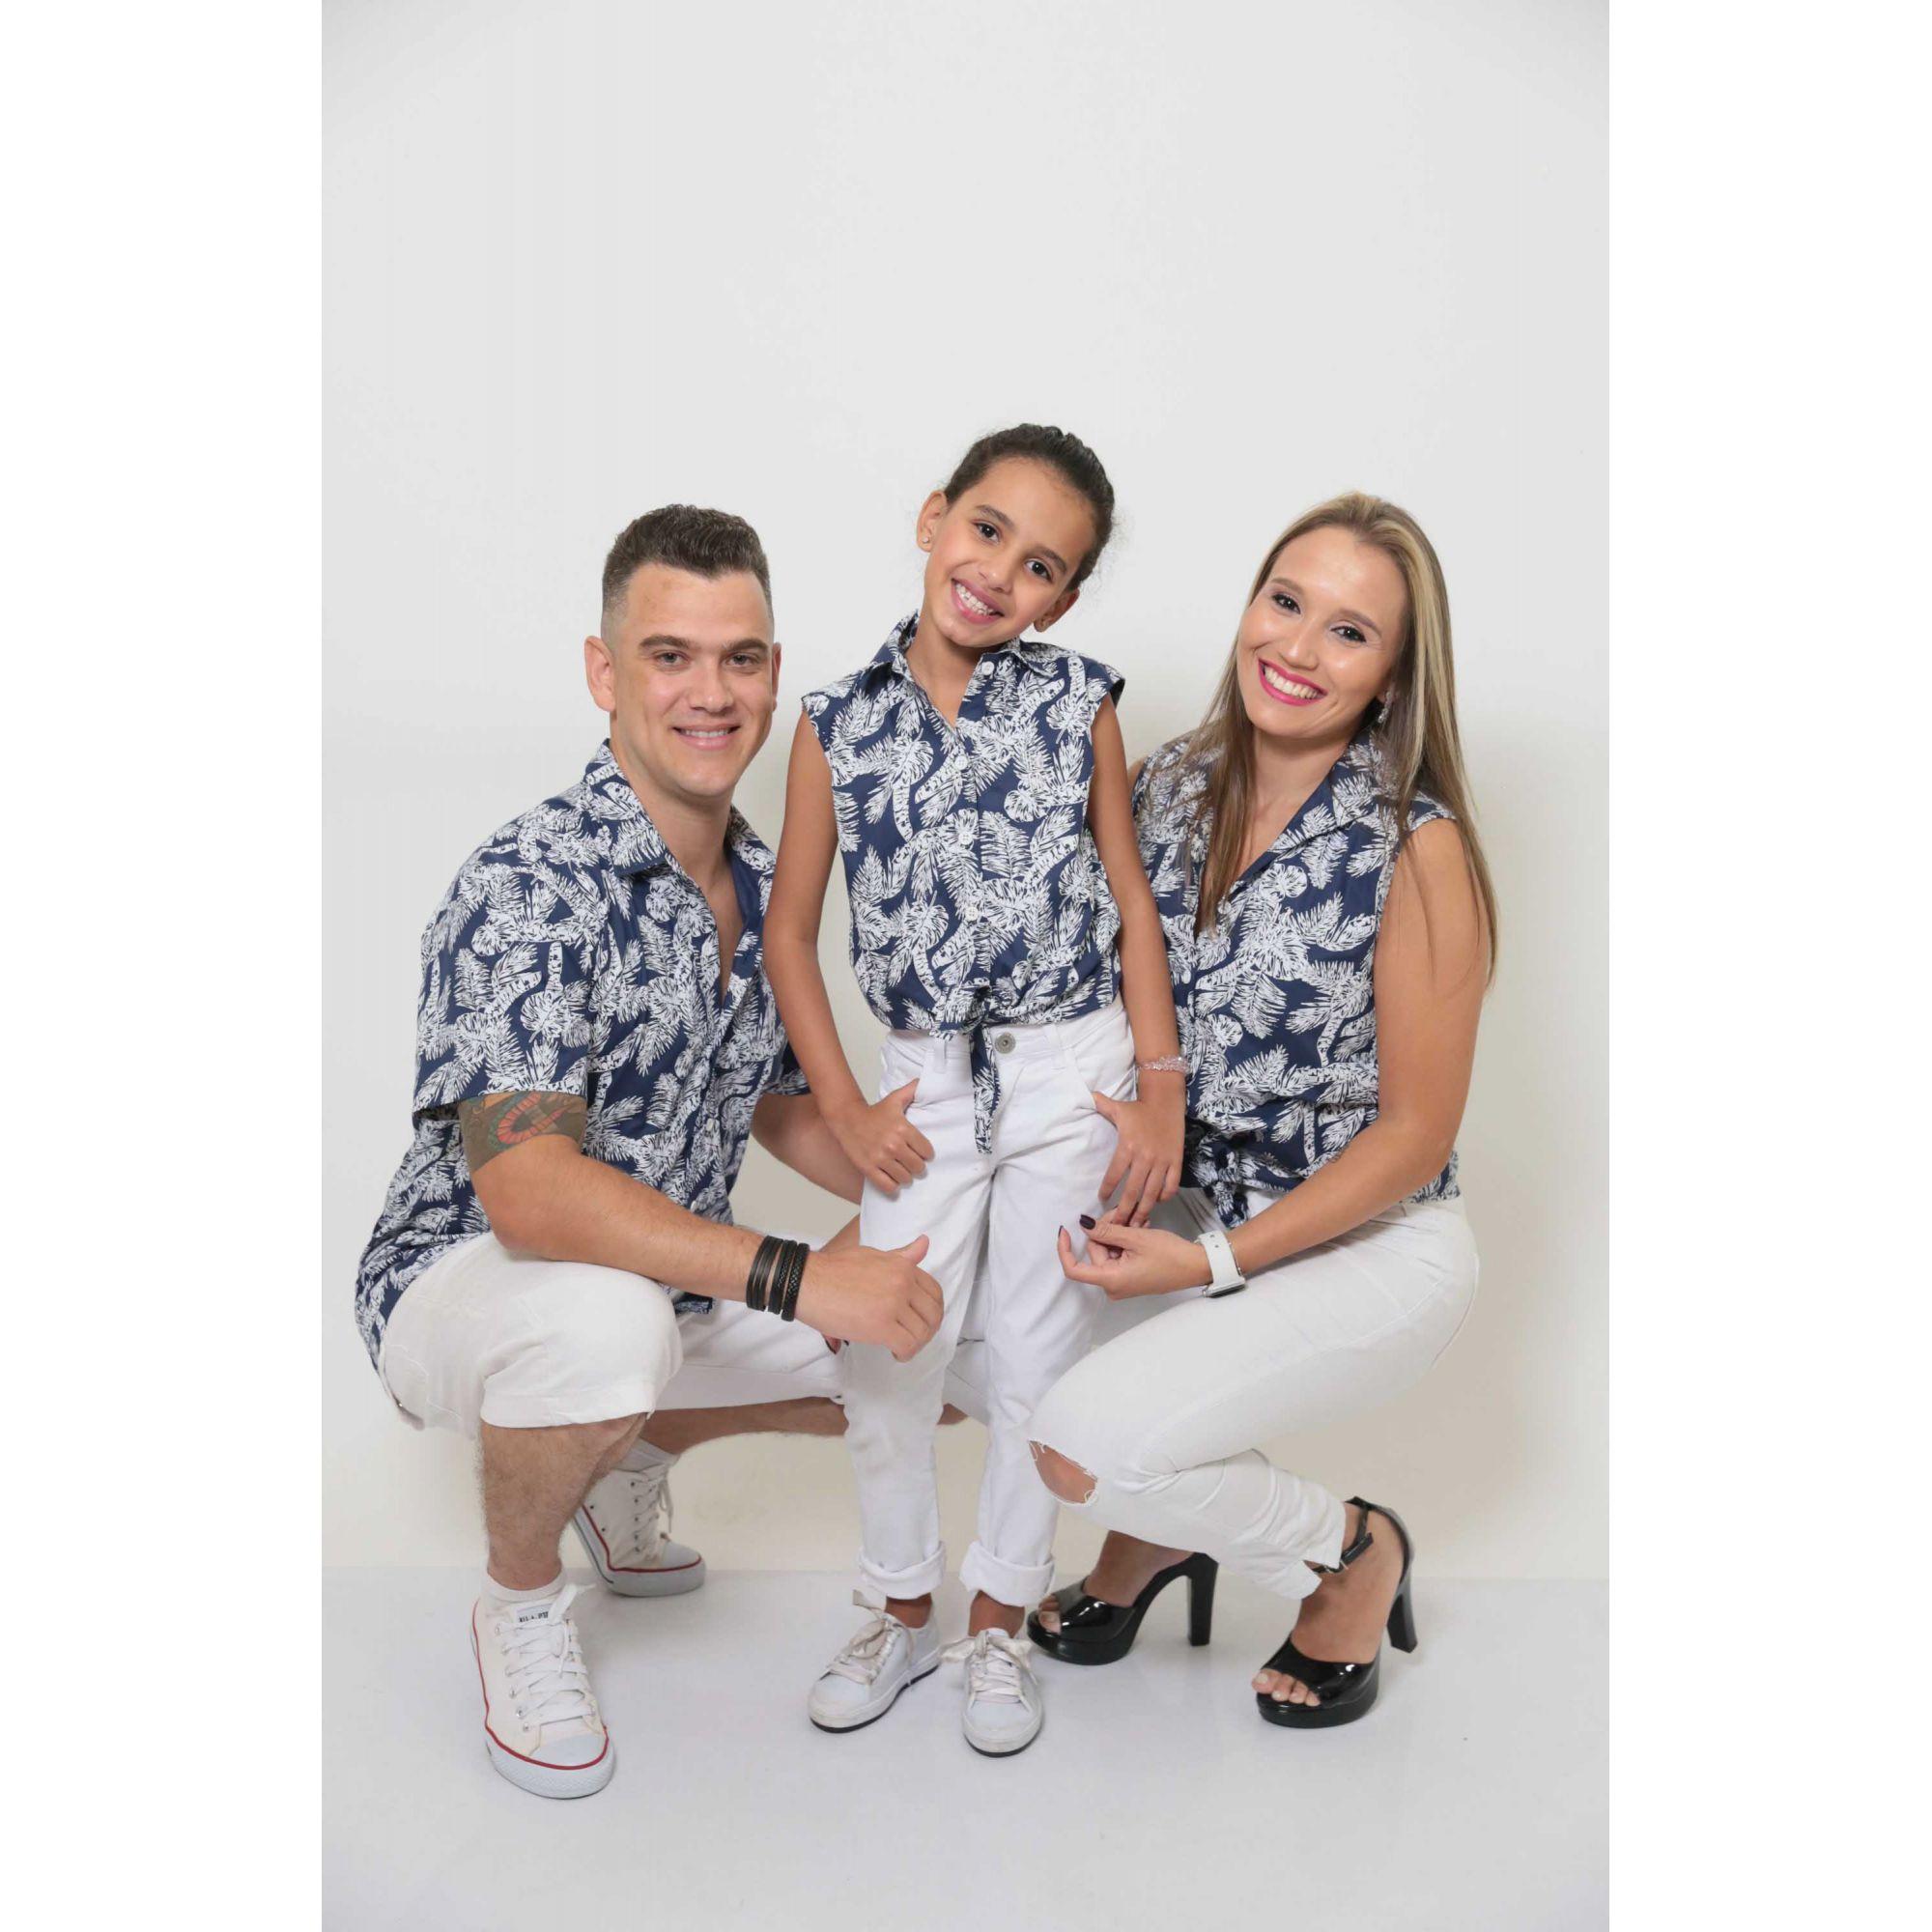 PAIS E FILHAS > Kit 3 peças Camisas Social Azul Floresta [Coleção Família]  - Heitor Fashion Brazil